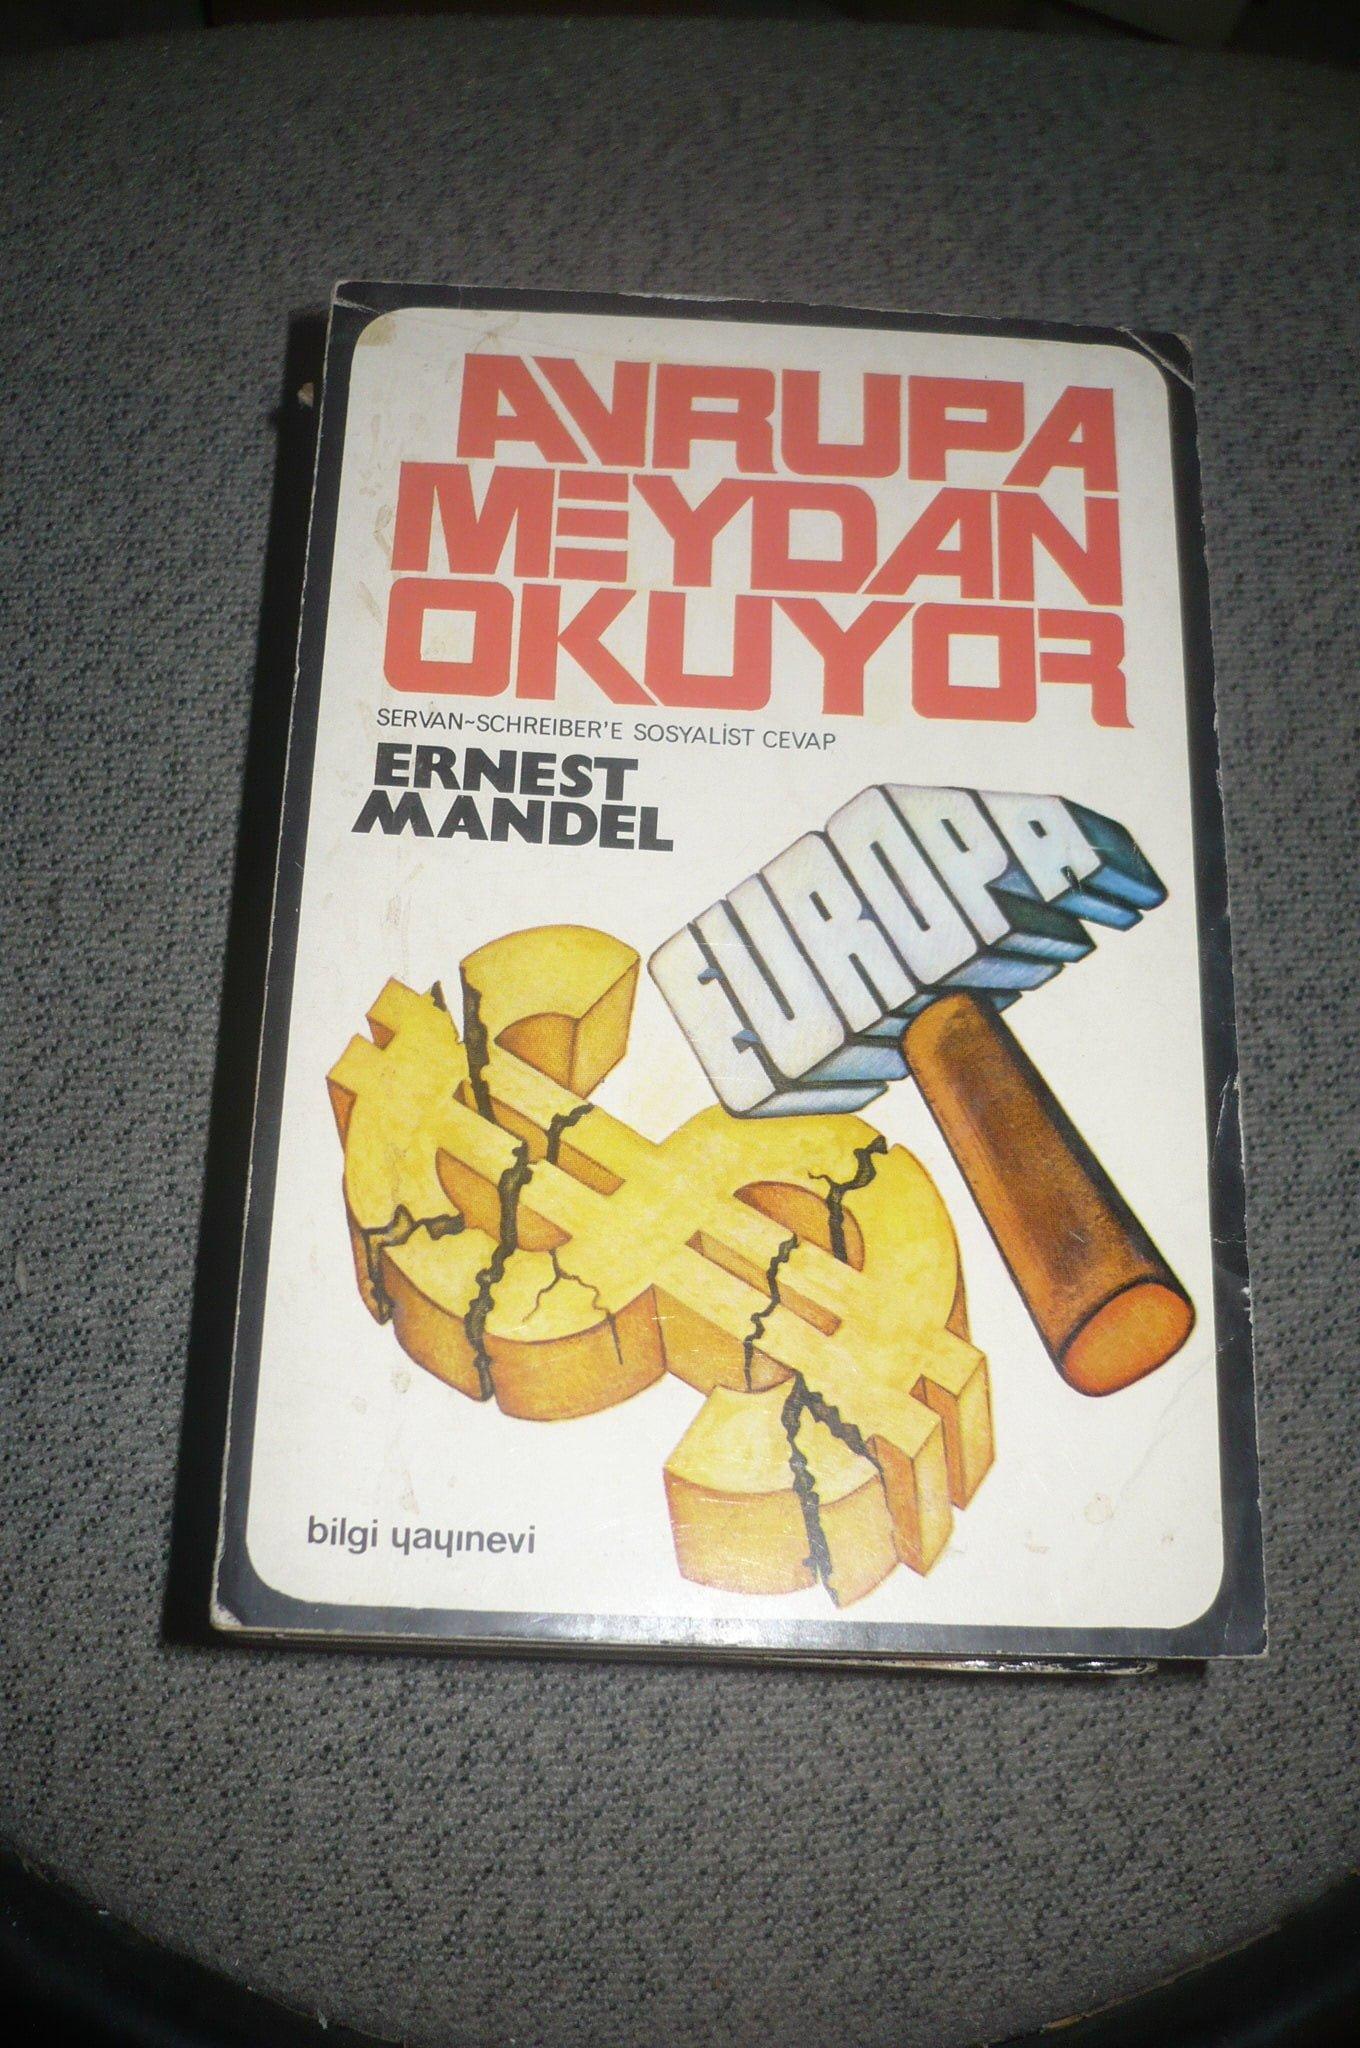 AVRUPA MEYDAN OKUYOR/ Ernest MANDEL/ 15TL